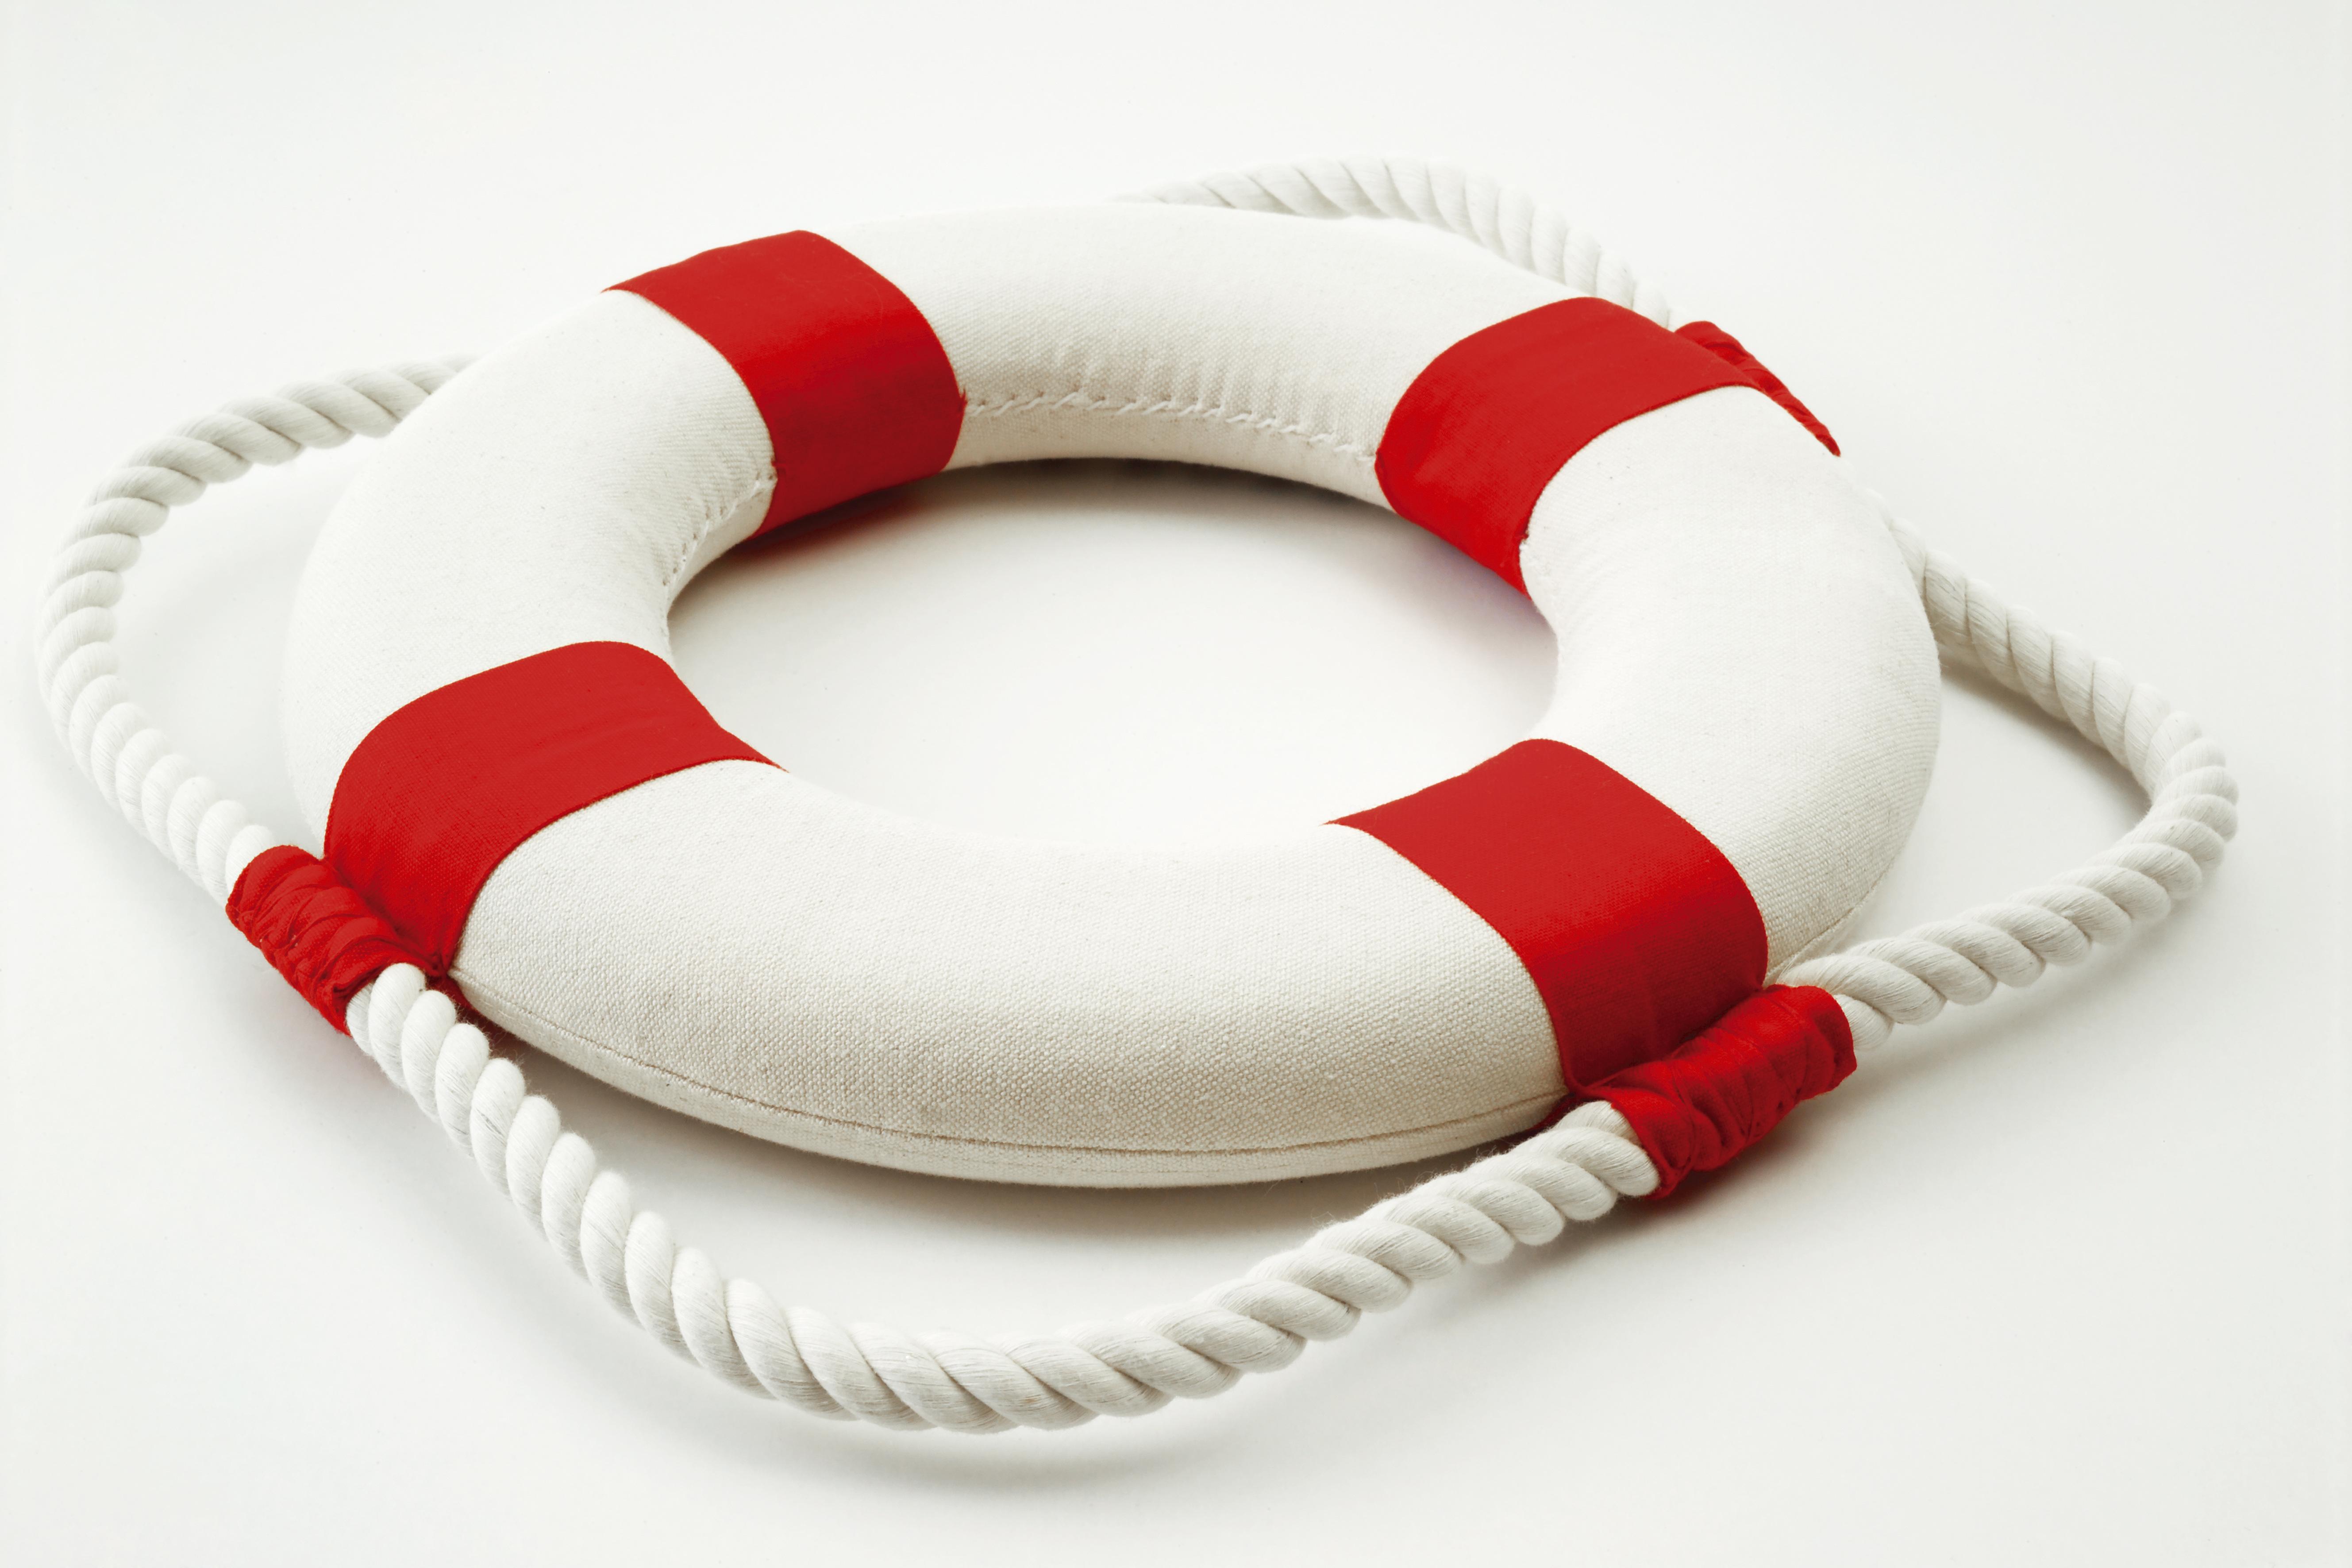 el salvavidas lanzado a españa explicado para todos